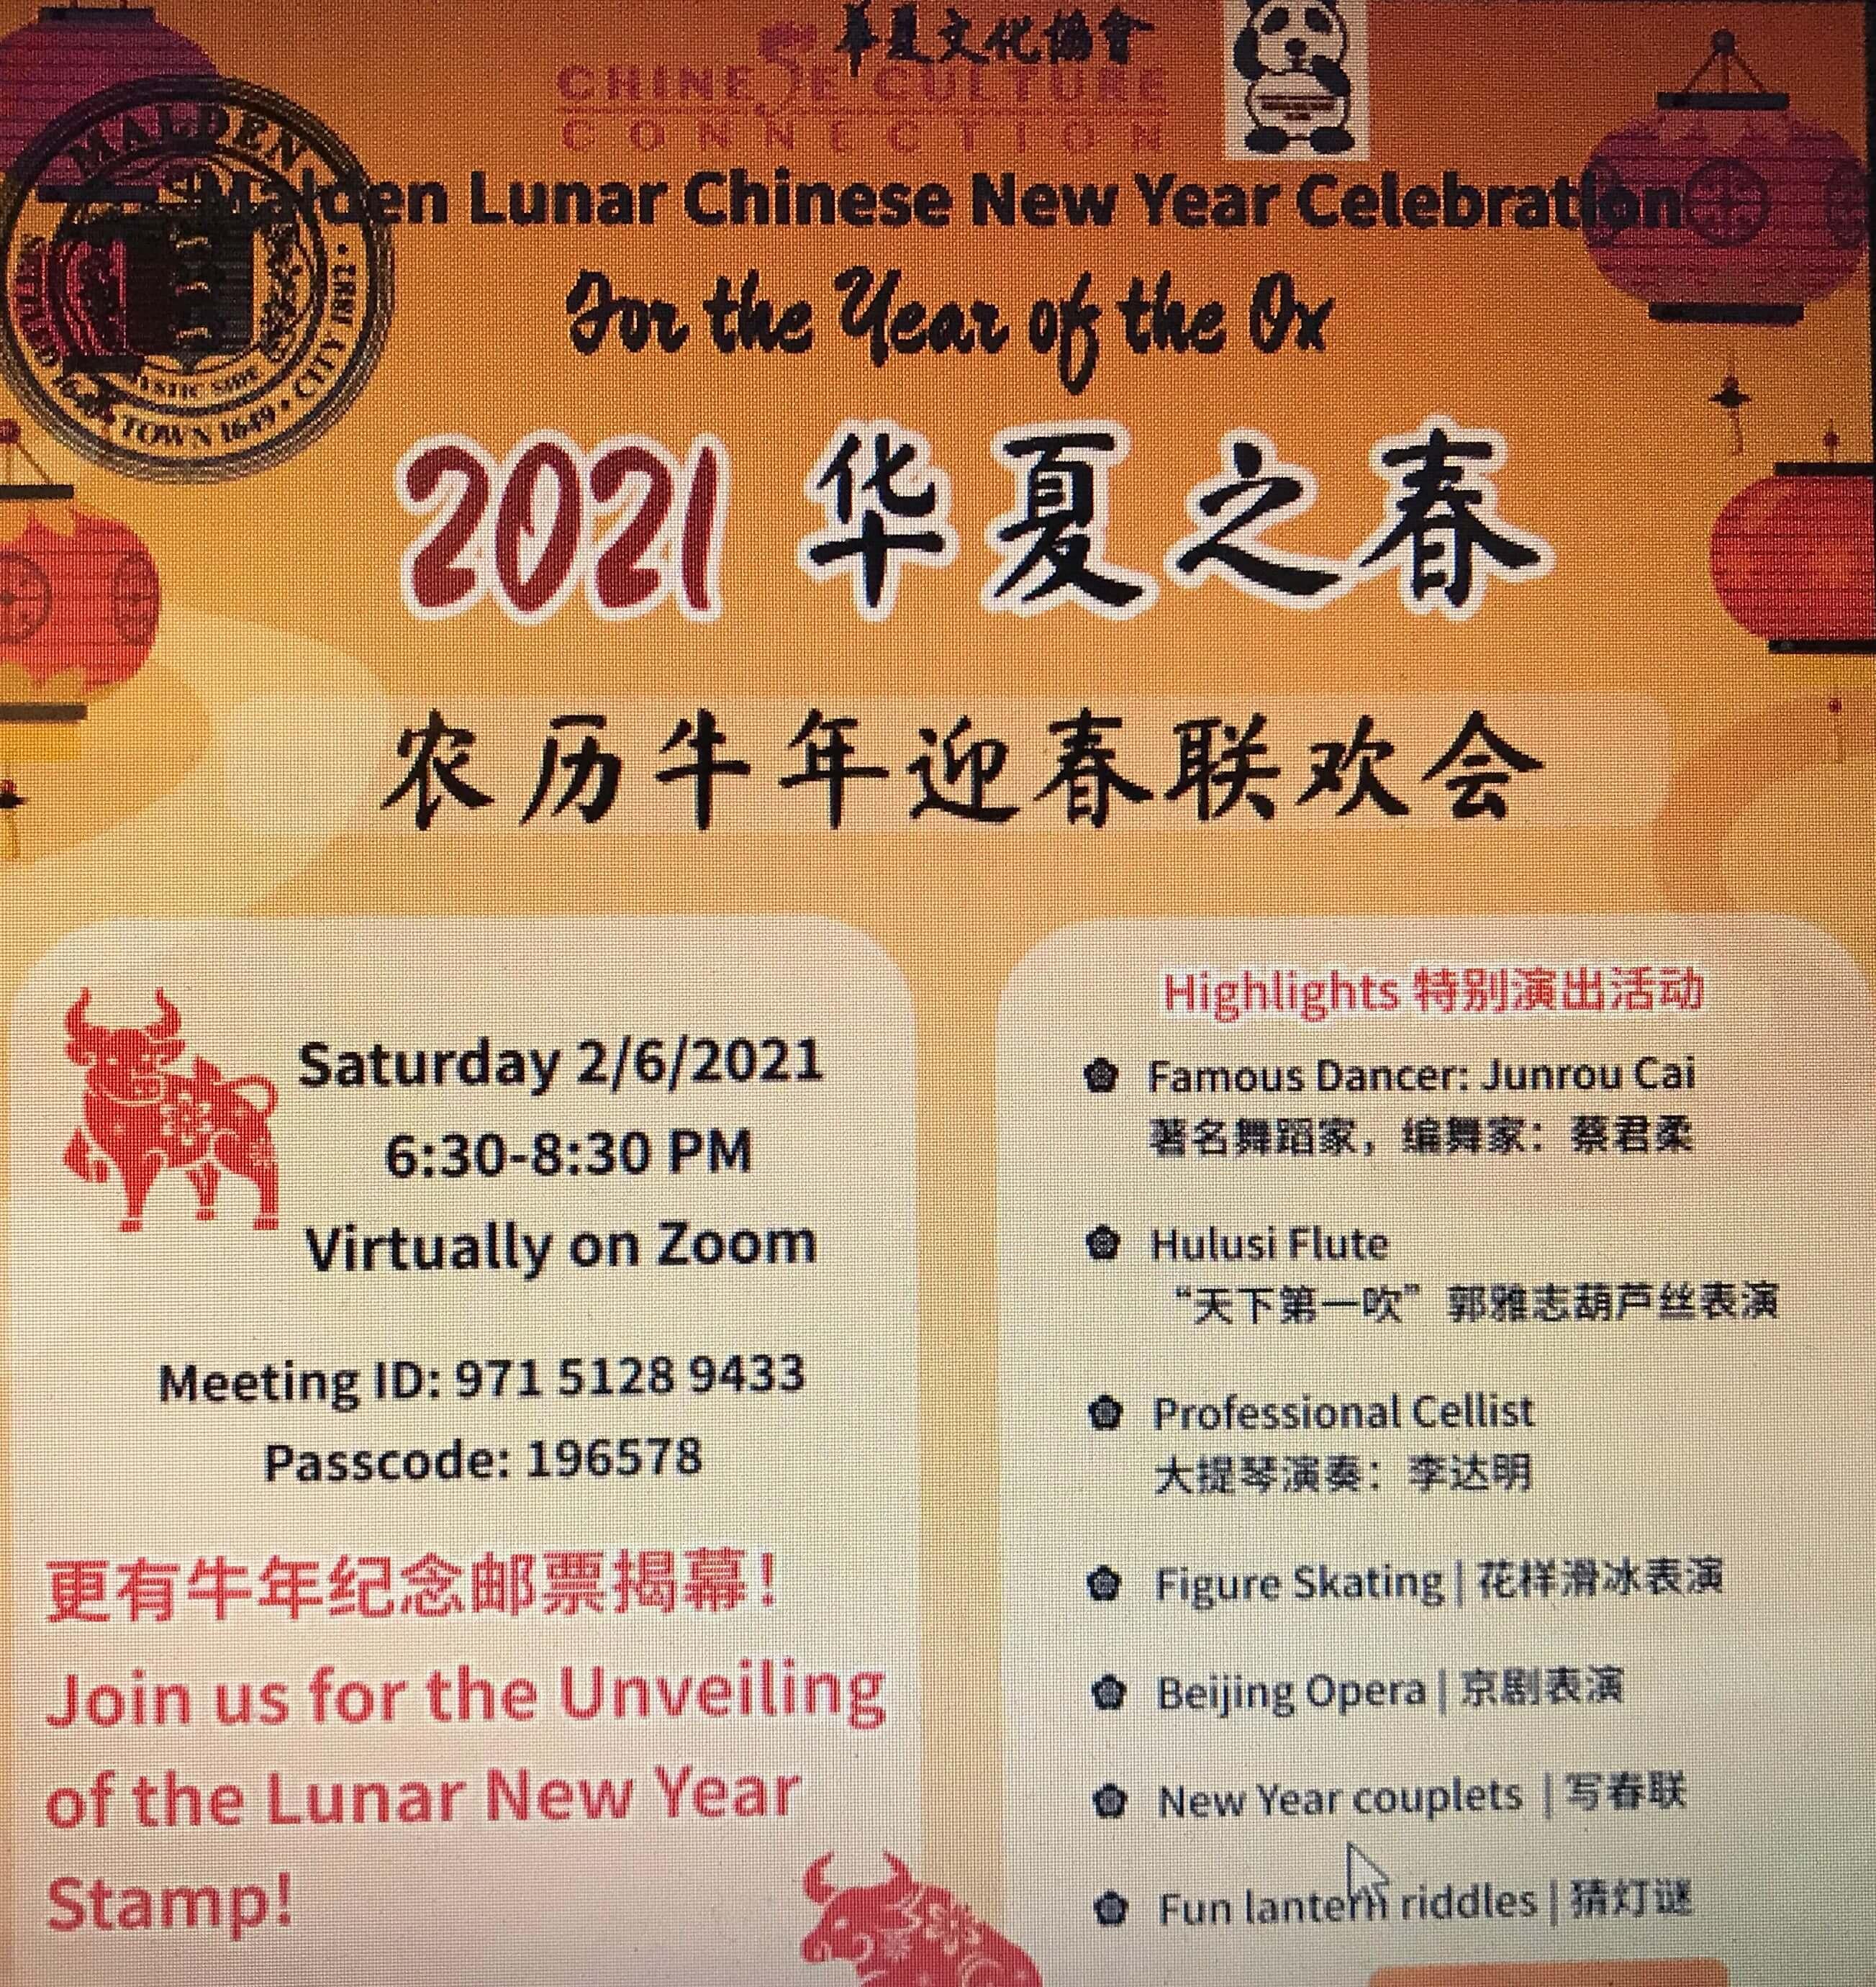 华夏文化协会设立社区信息服务窗口 并将举办2021华夏之春牛年云端春晚